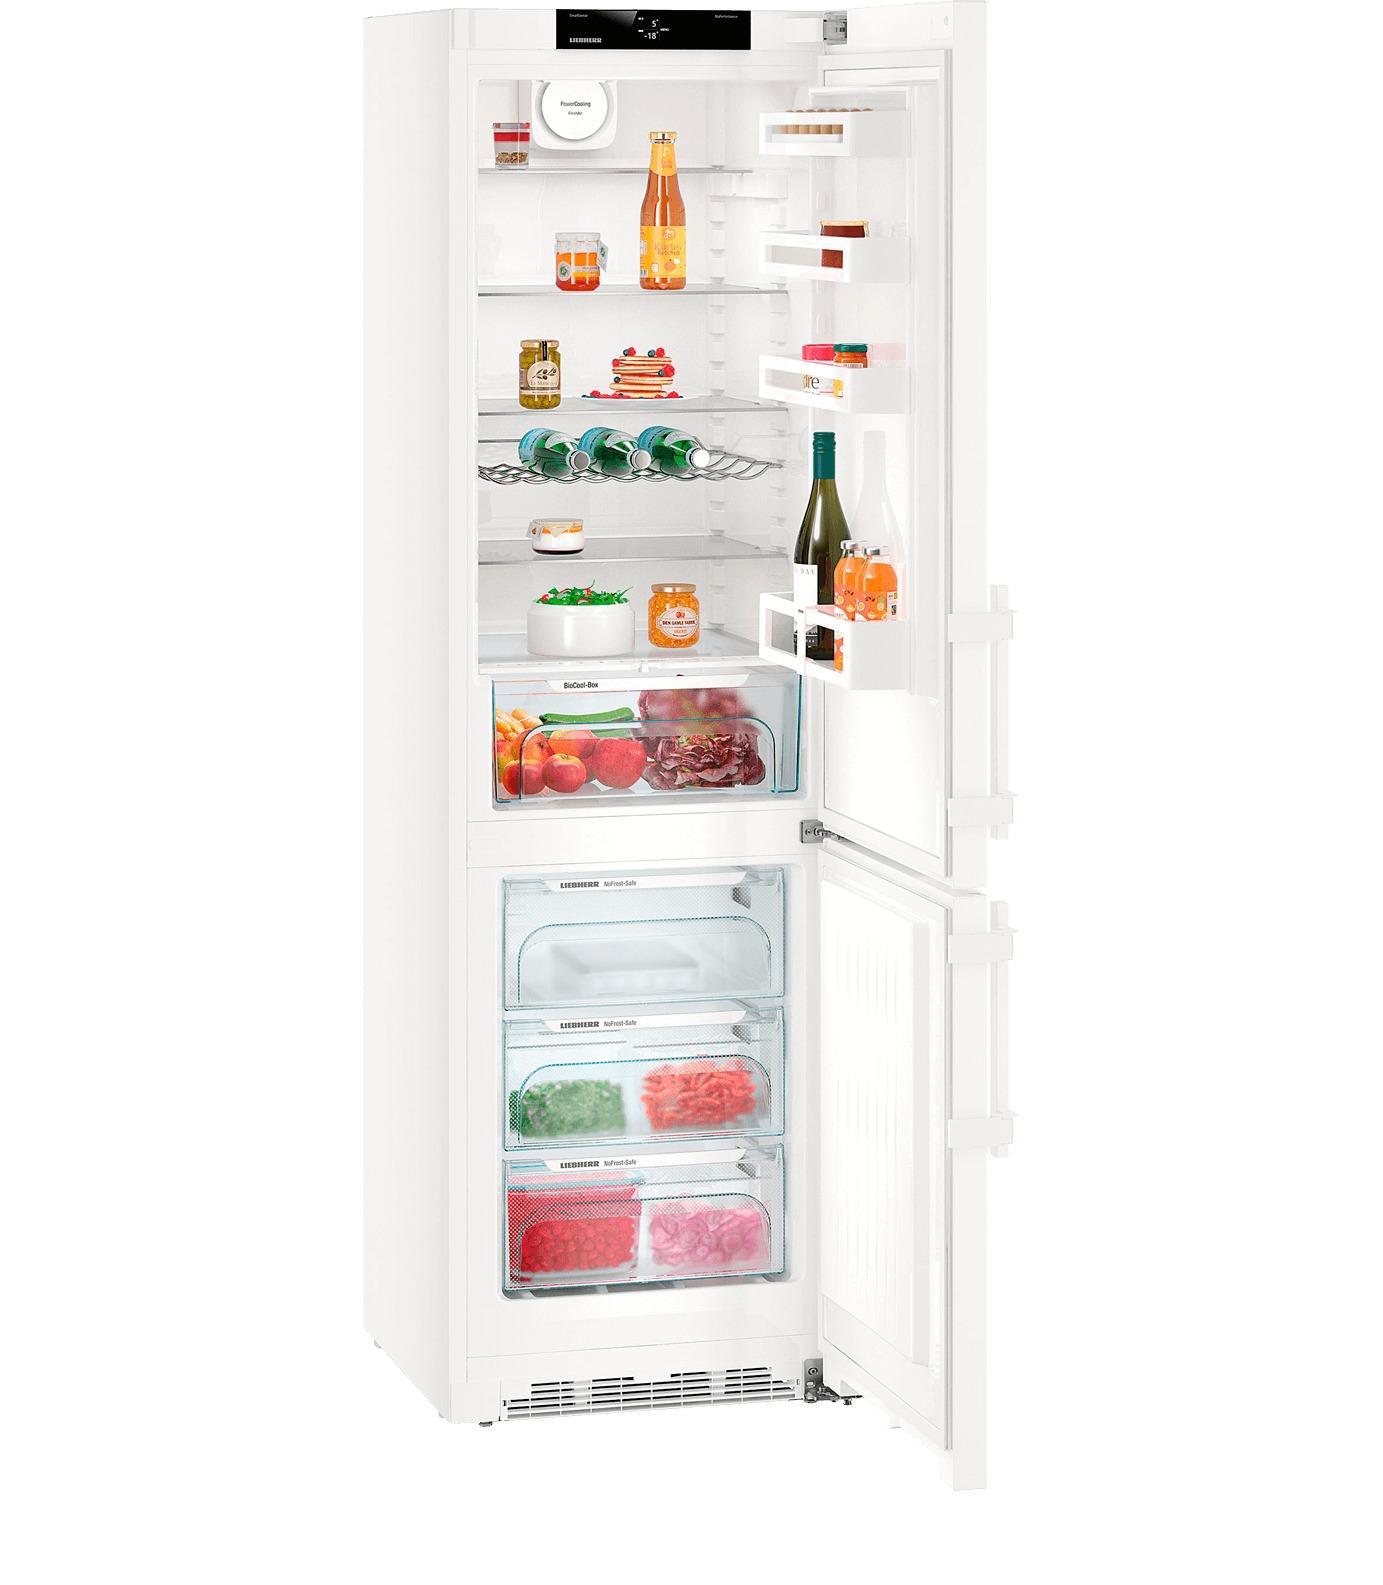 Liebherr CN 4835-20 koelkast met vriesvak - Prijsvergelijk